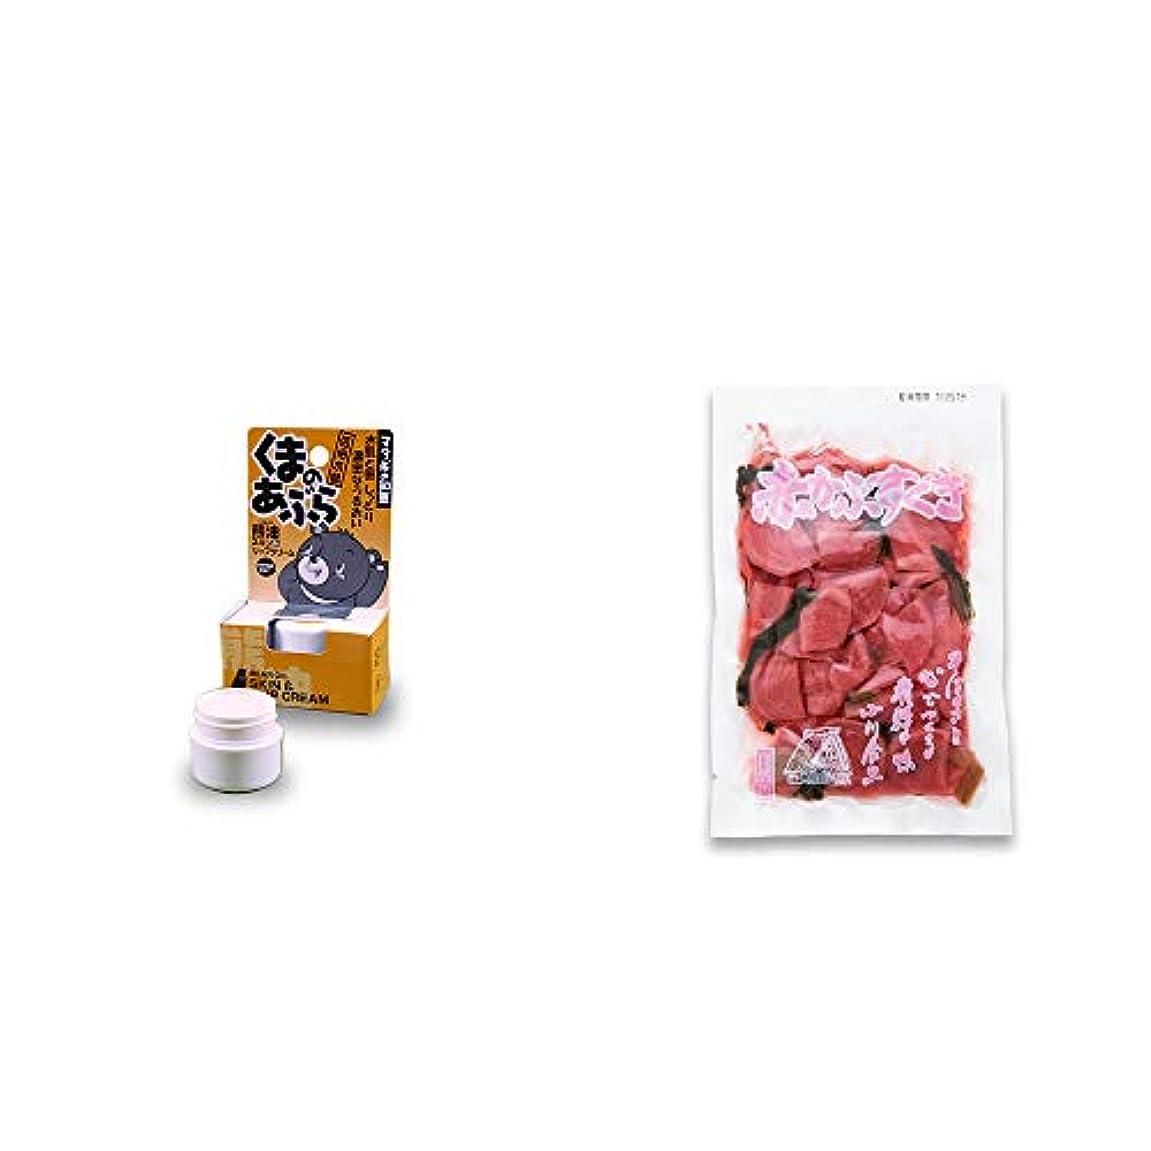 甥補体まとめる[2点セット] 信州木曽 くまのあぶら 熊油スキン&リップクリーム(9g)?赤かぶすぐき(160g)